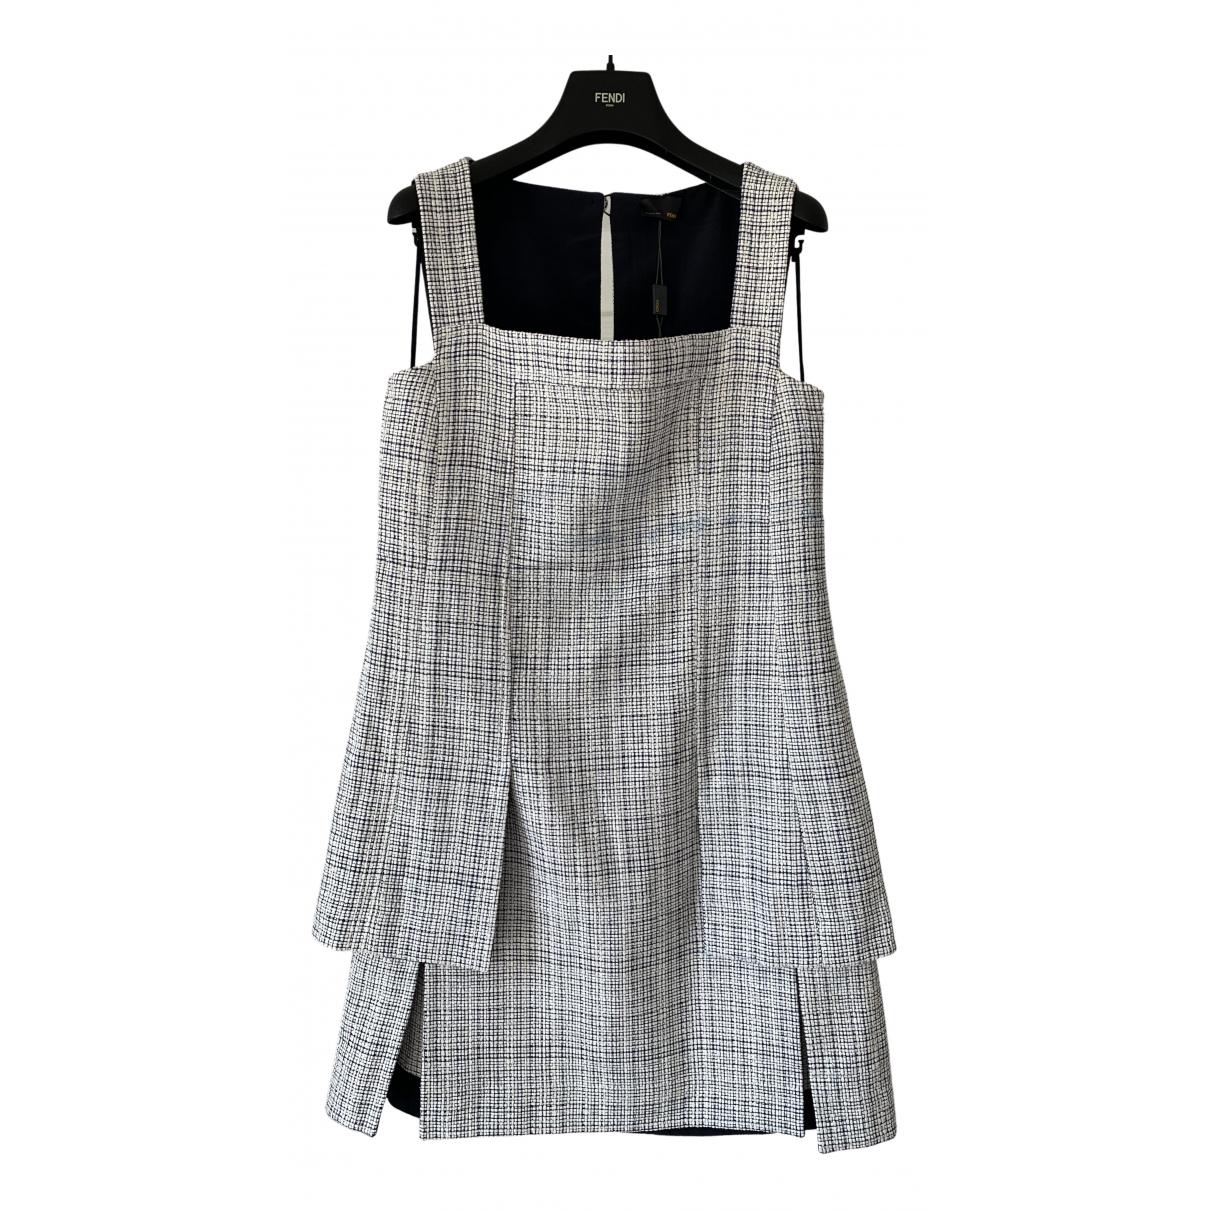 Fendi - Robe   pour femme en coton - multicolore